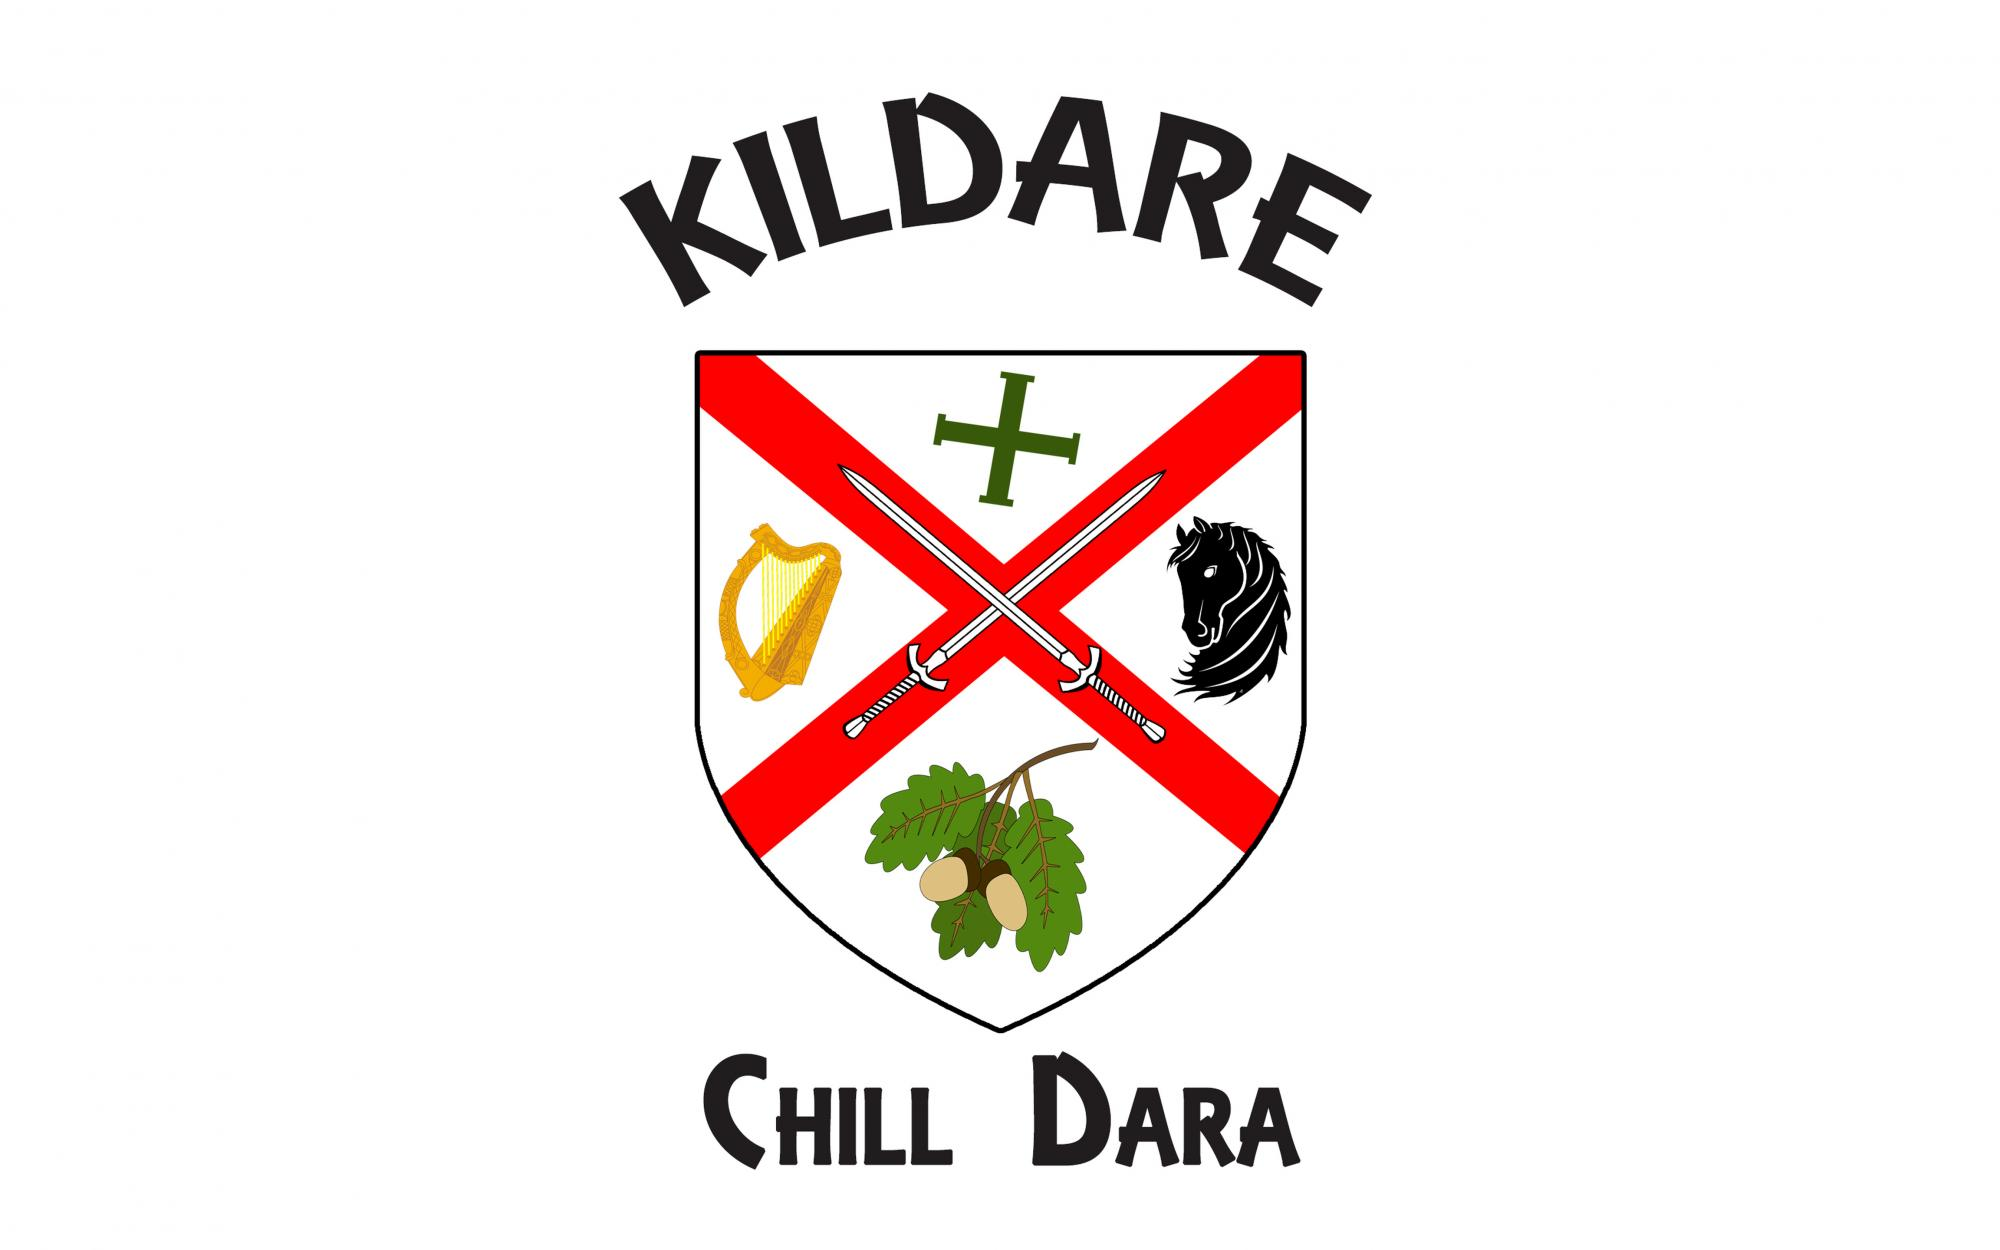 Kildare